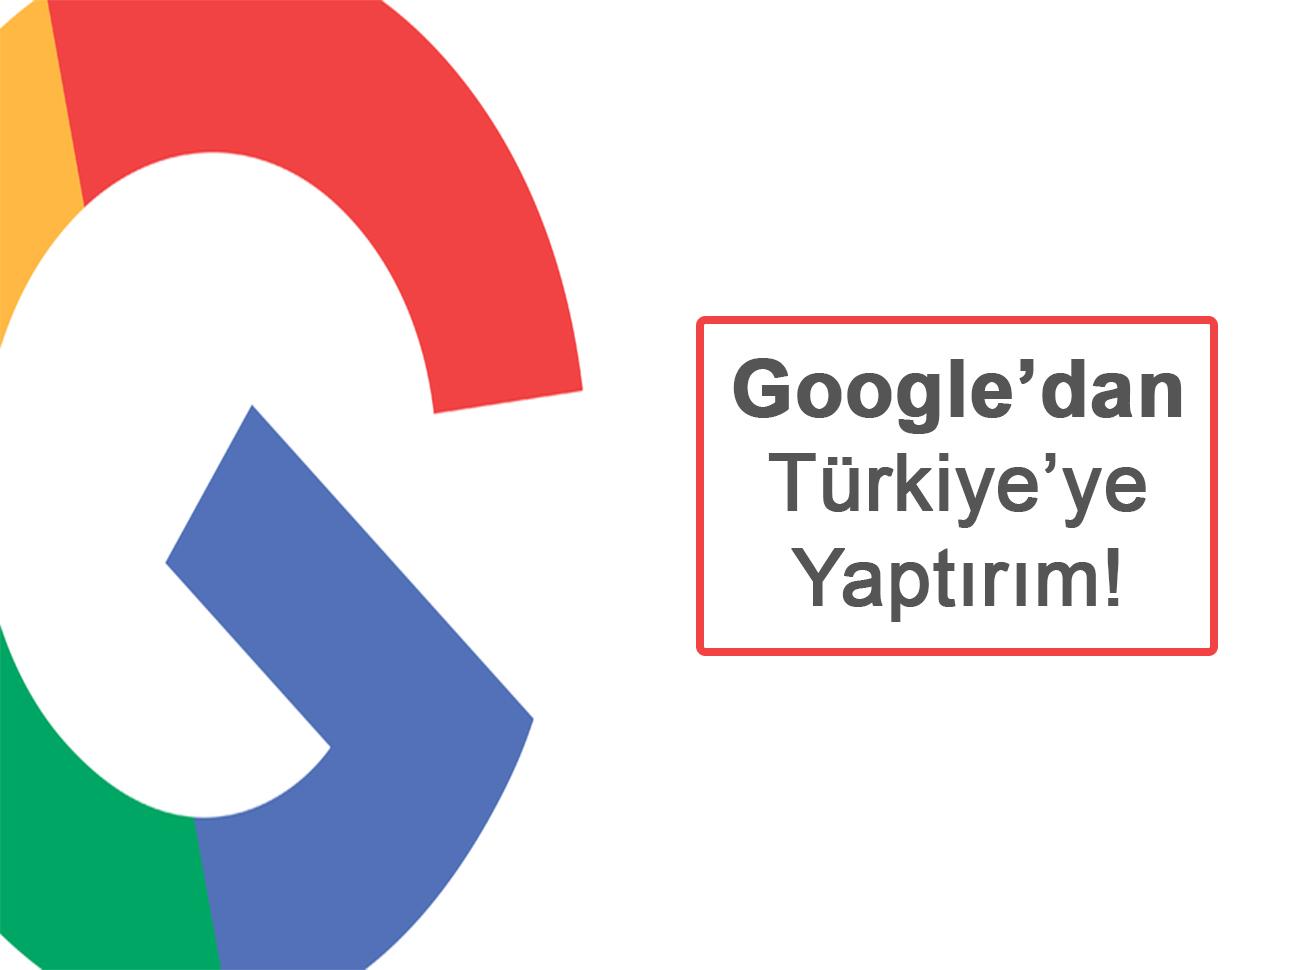 Google Türkiye'ye Yaptırım Uygulayabilir